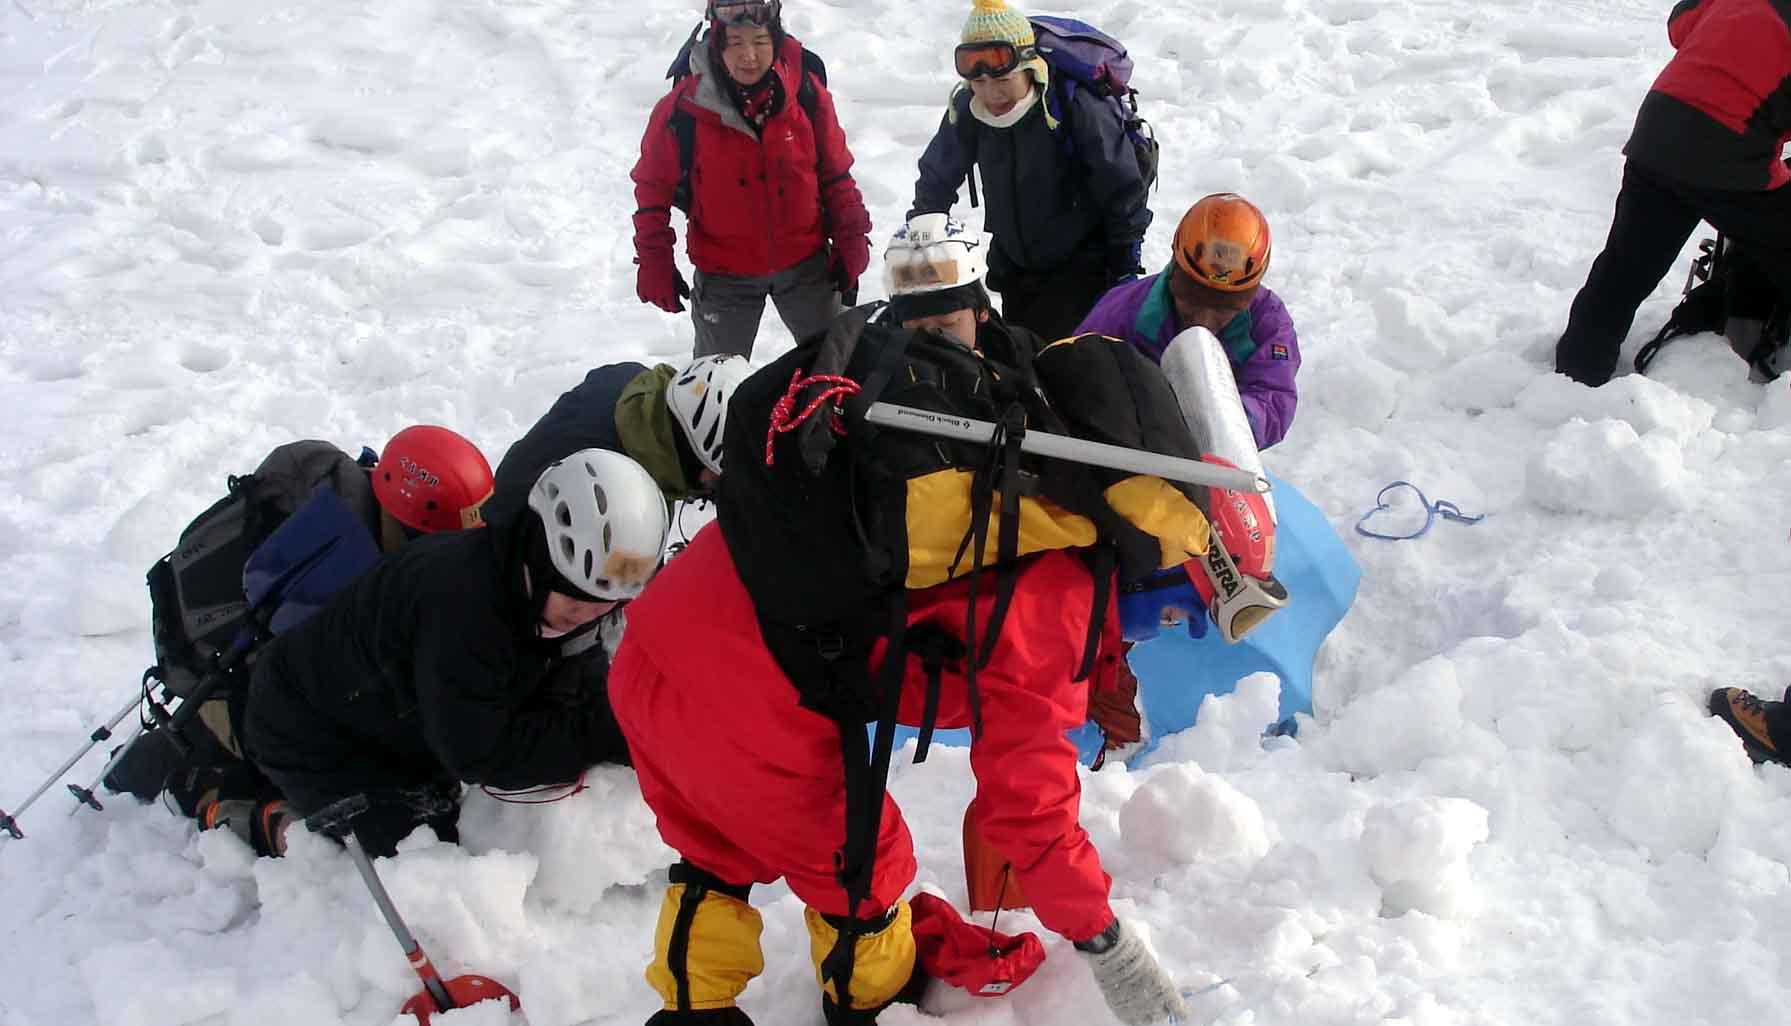 2008.1.14 雪崩捜索犬デモ⑧(埋没者救出作業)